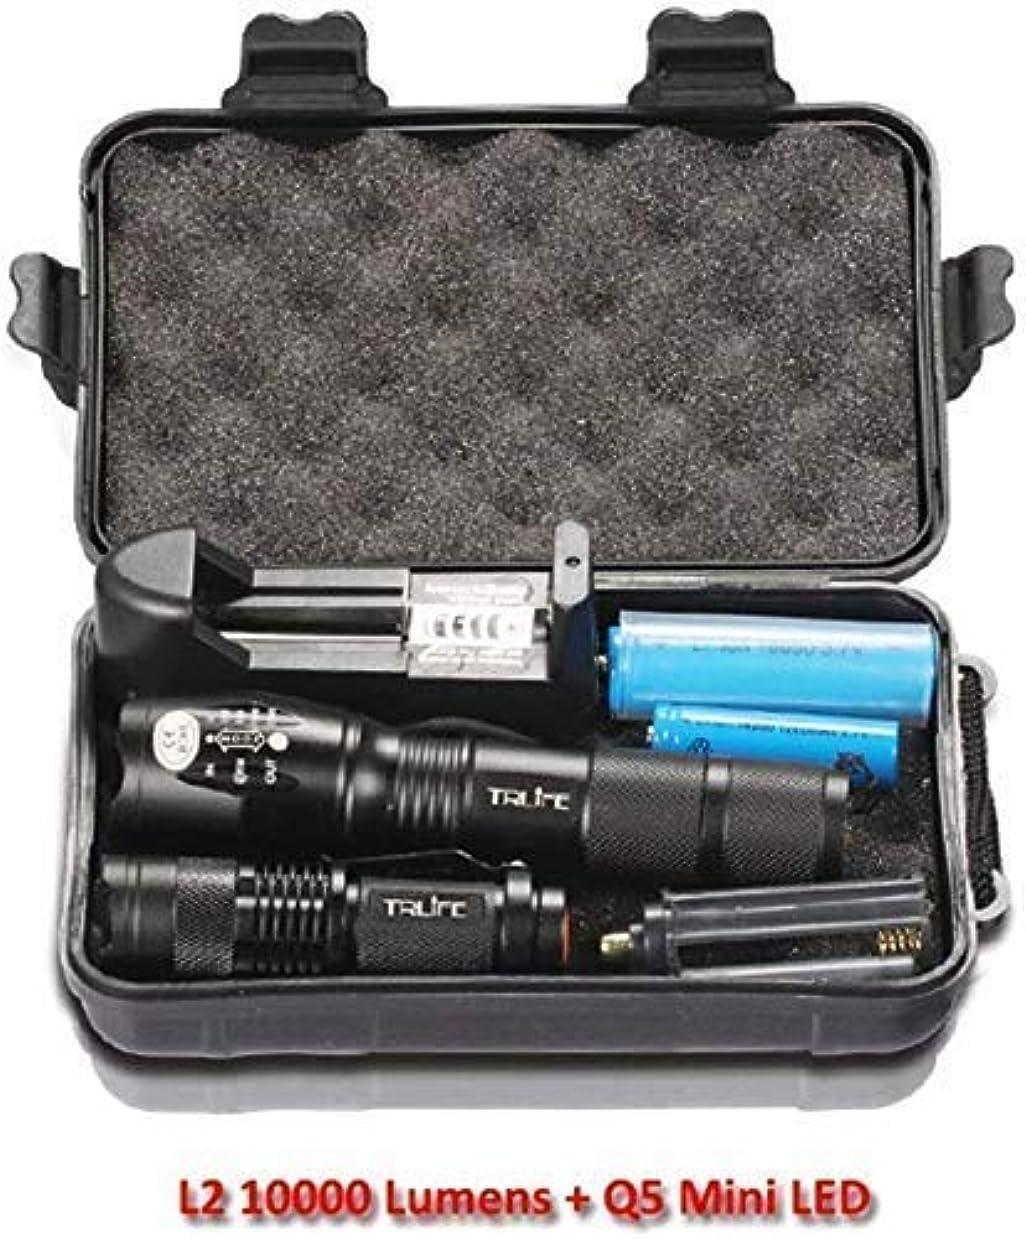 冷える棚ファンBZM-ZM 懐中電灯、LED懐中電灯トーチL2 / T6ズーム可能な戦術的な懐中電灯充電式ミニランプペンライト18650バッテリー2PCS(カラー:ブラック、サイズ:10000lm)